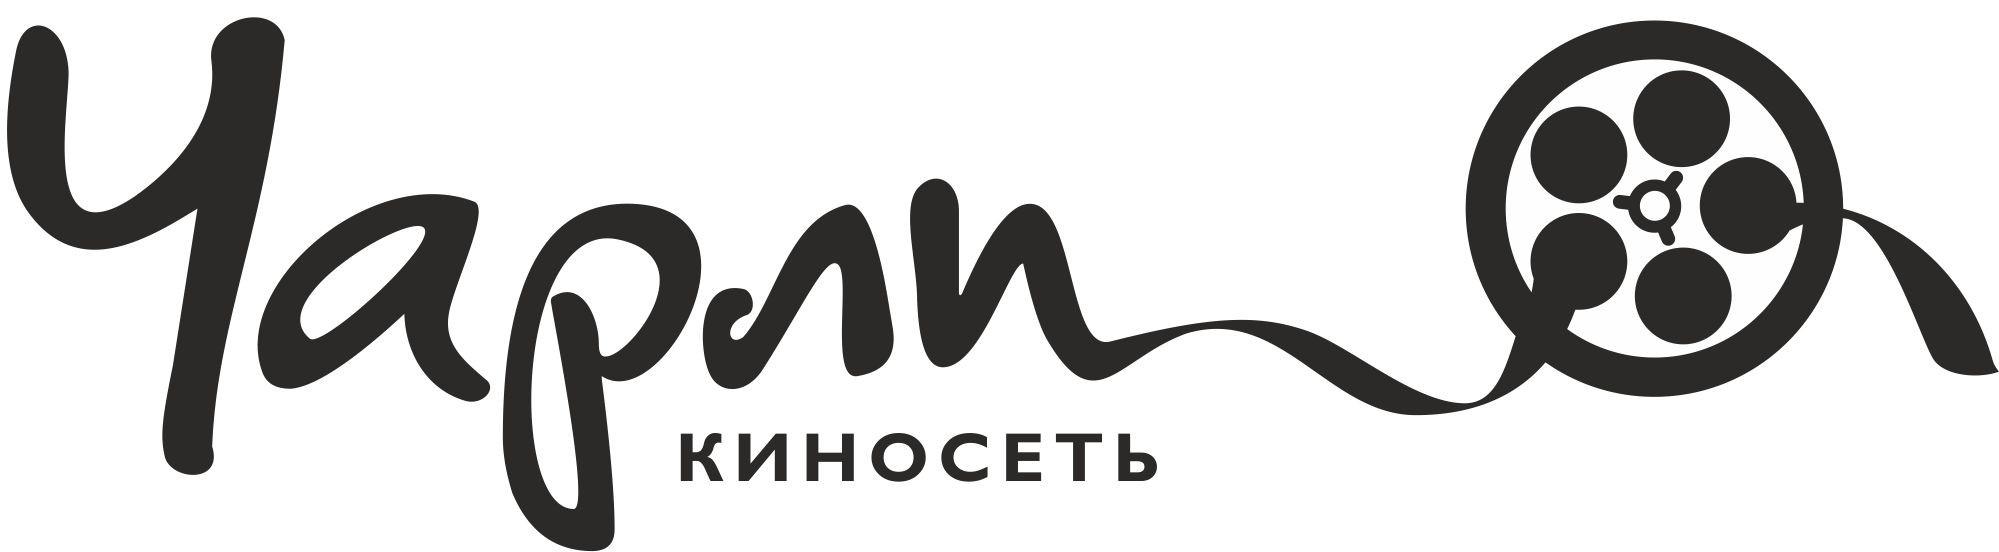 Лого чарли